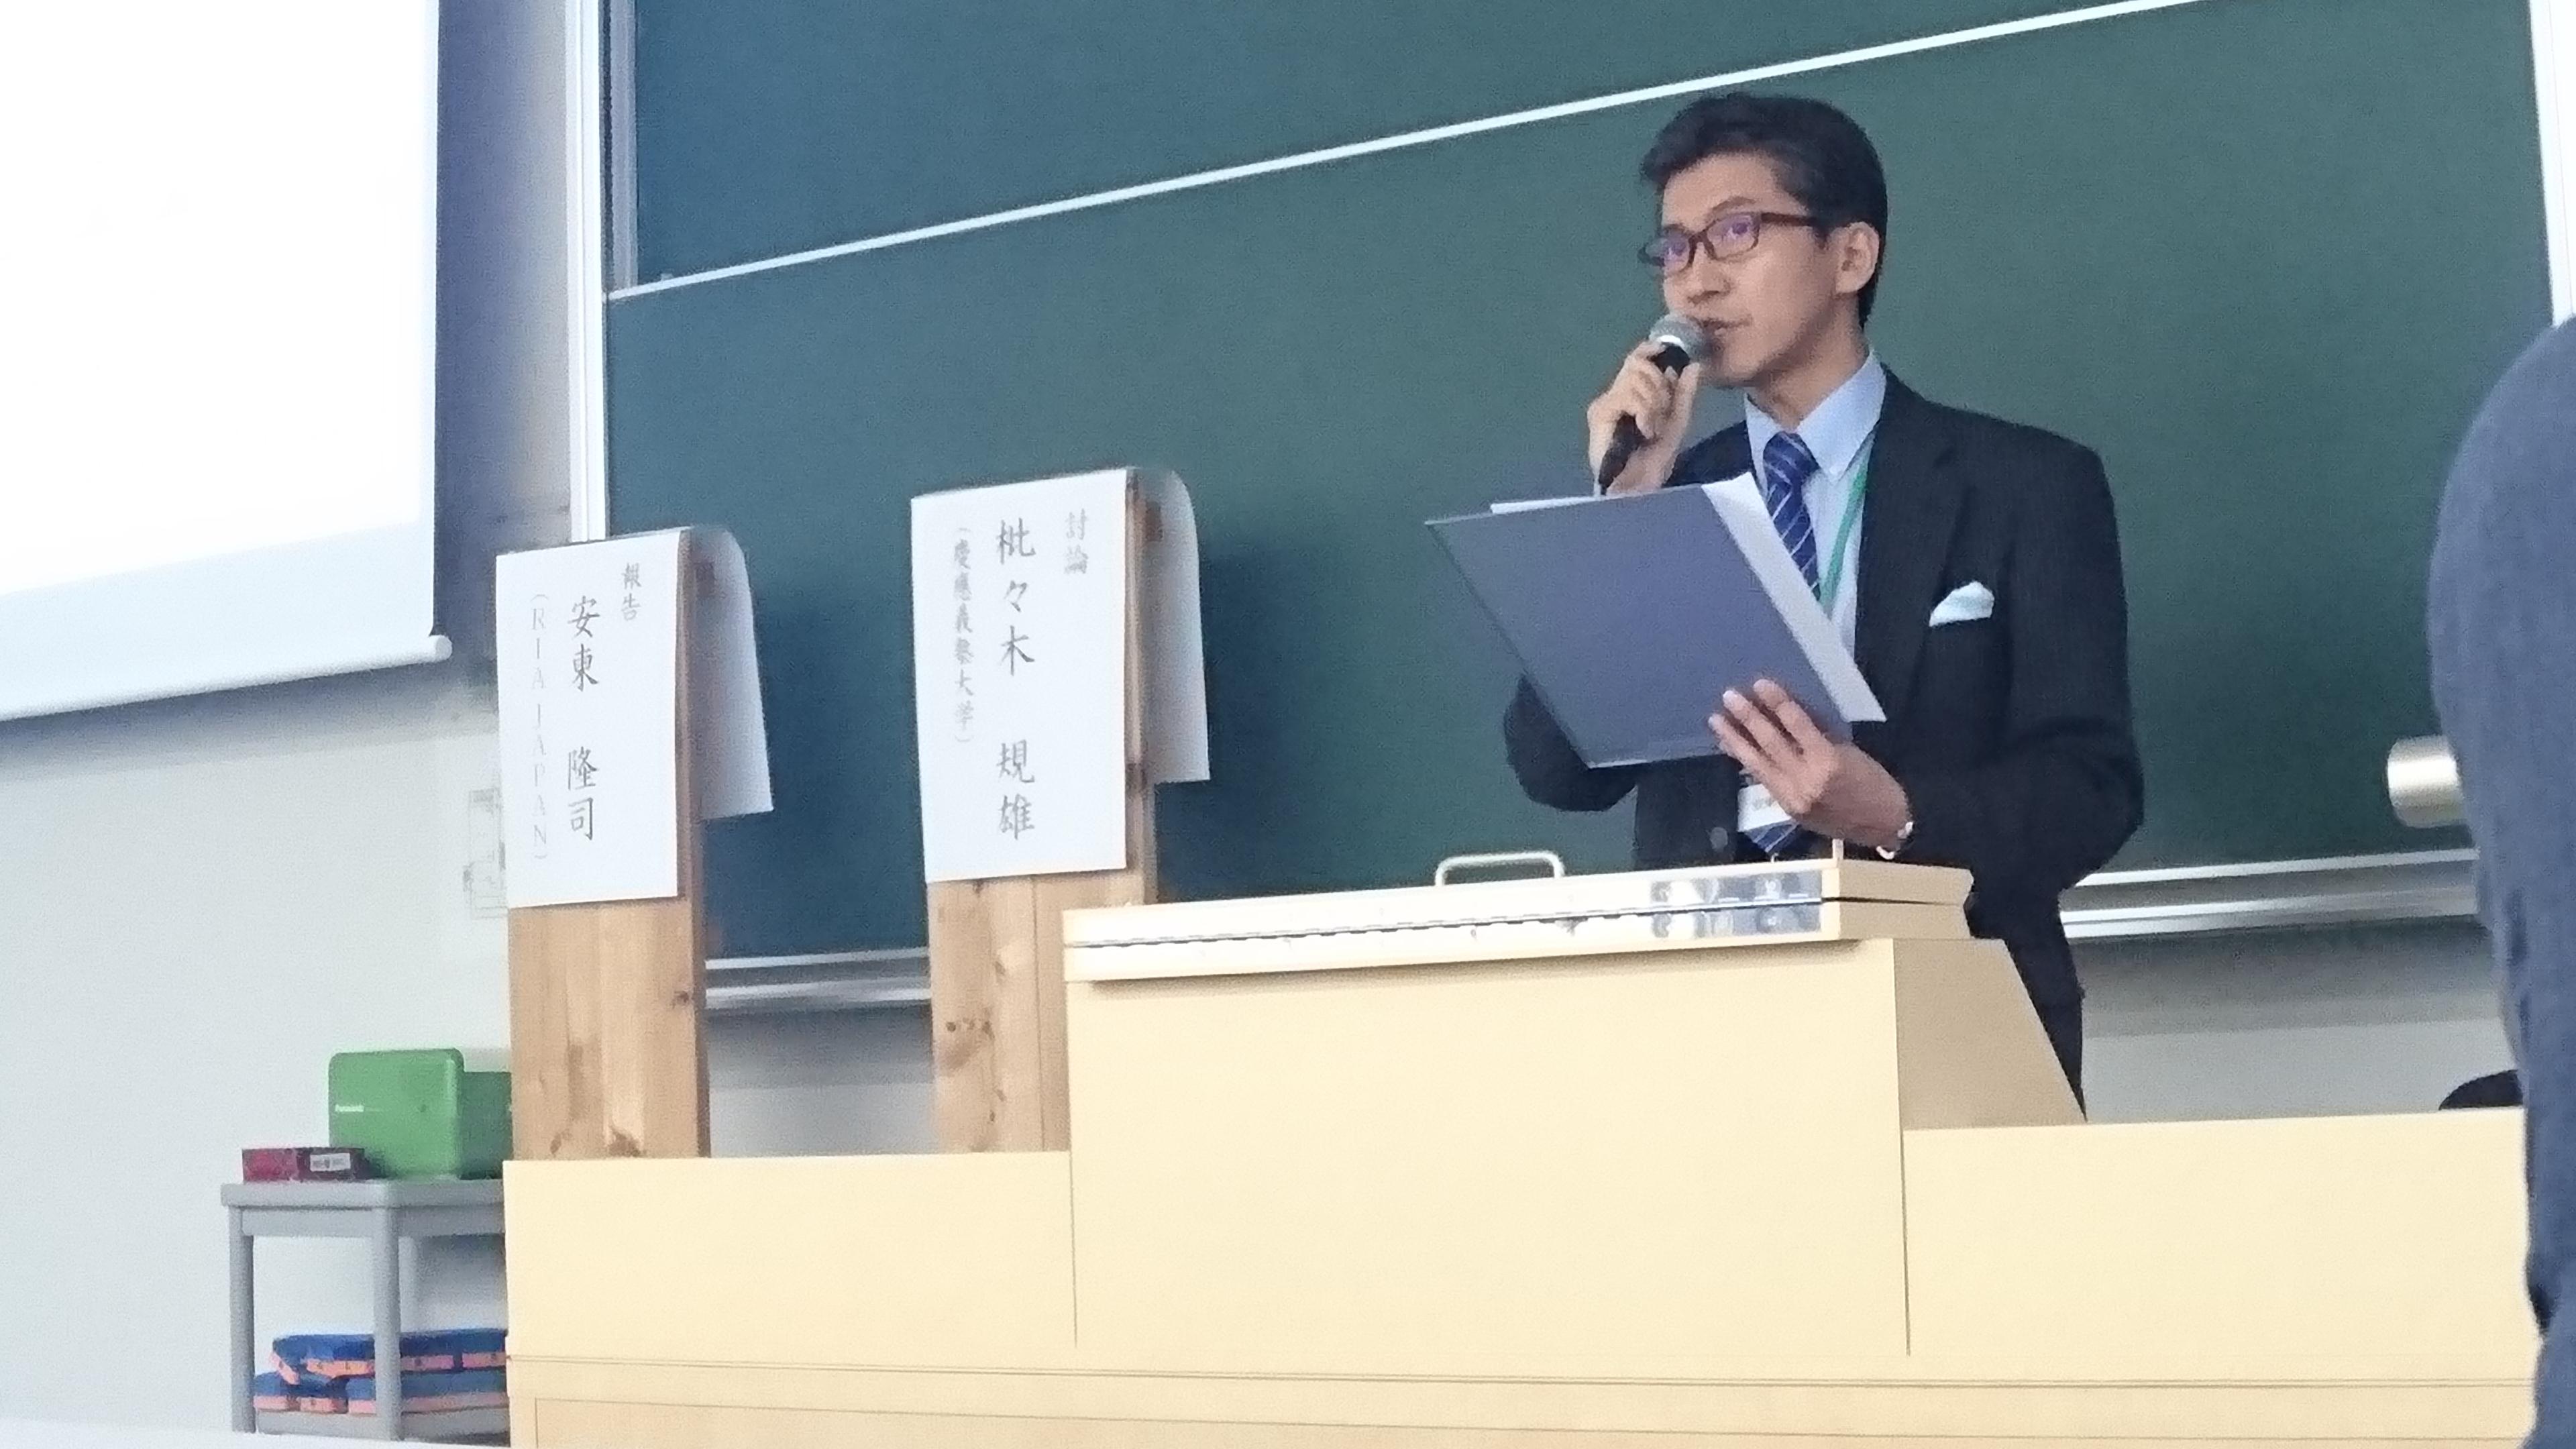 日本FP学会 第18回大会で当社代表 安東隆司が発表しました。 2017/09